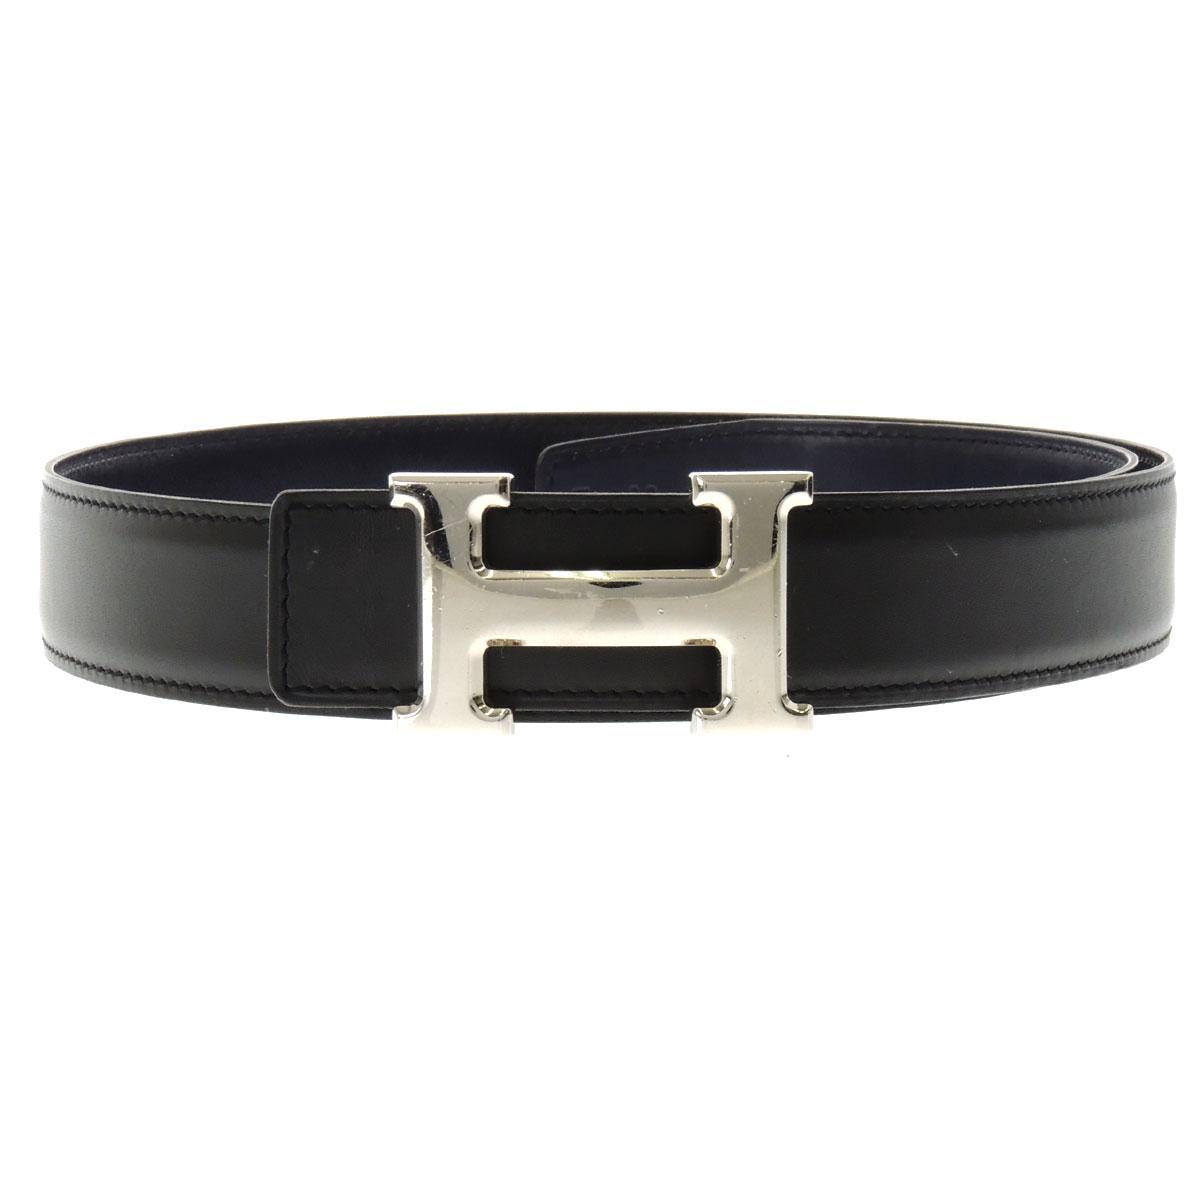 HERMESH belt 80 belt leather unisex